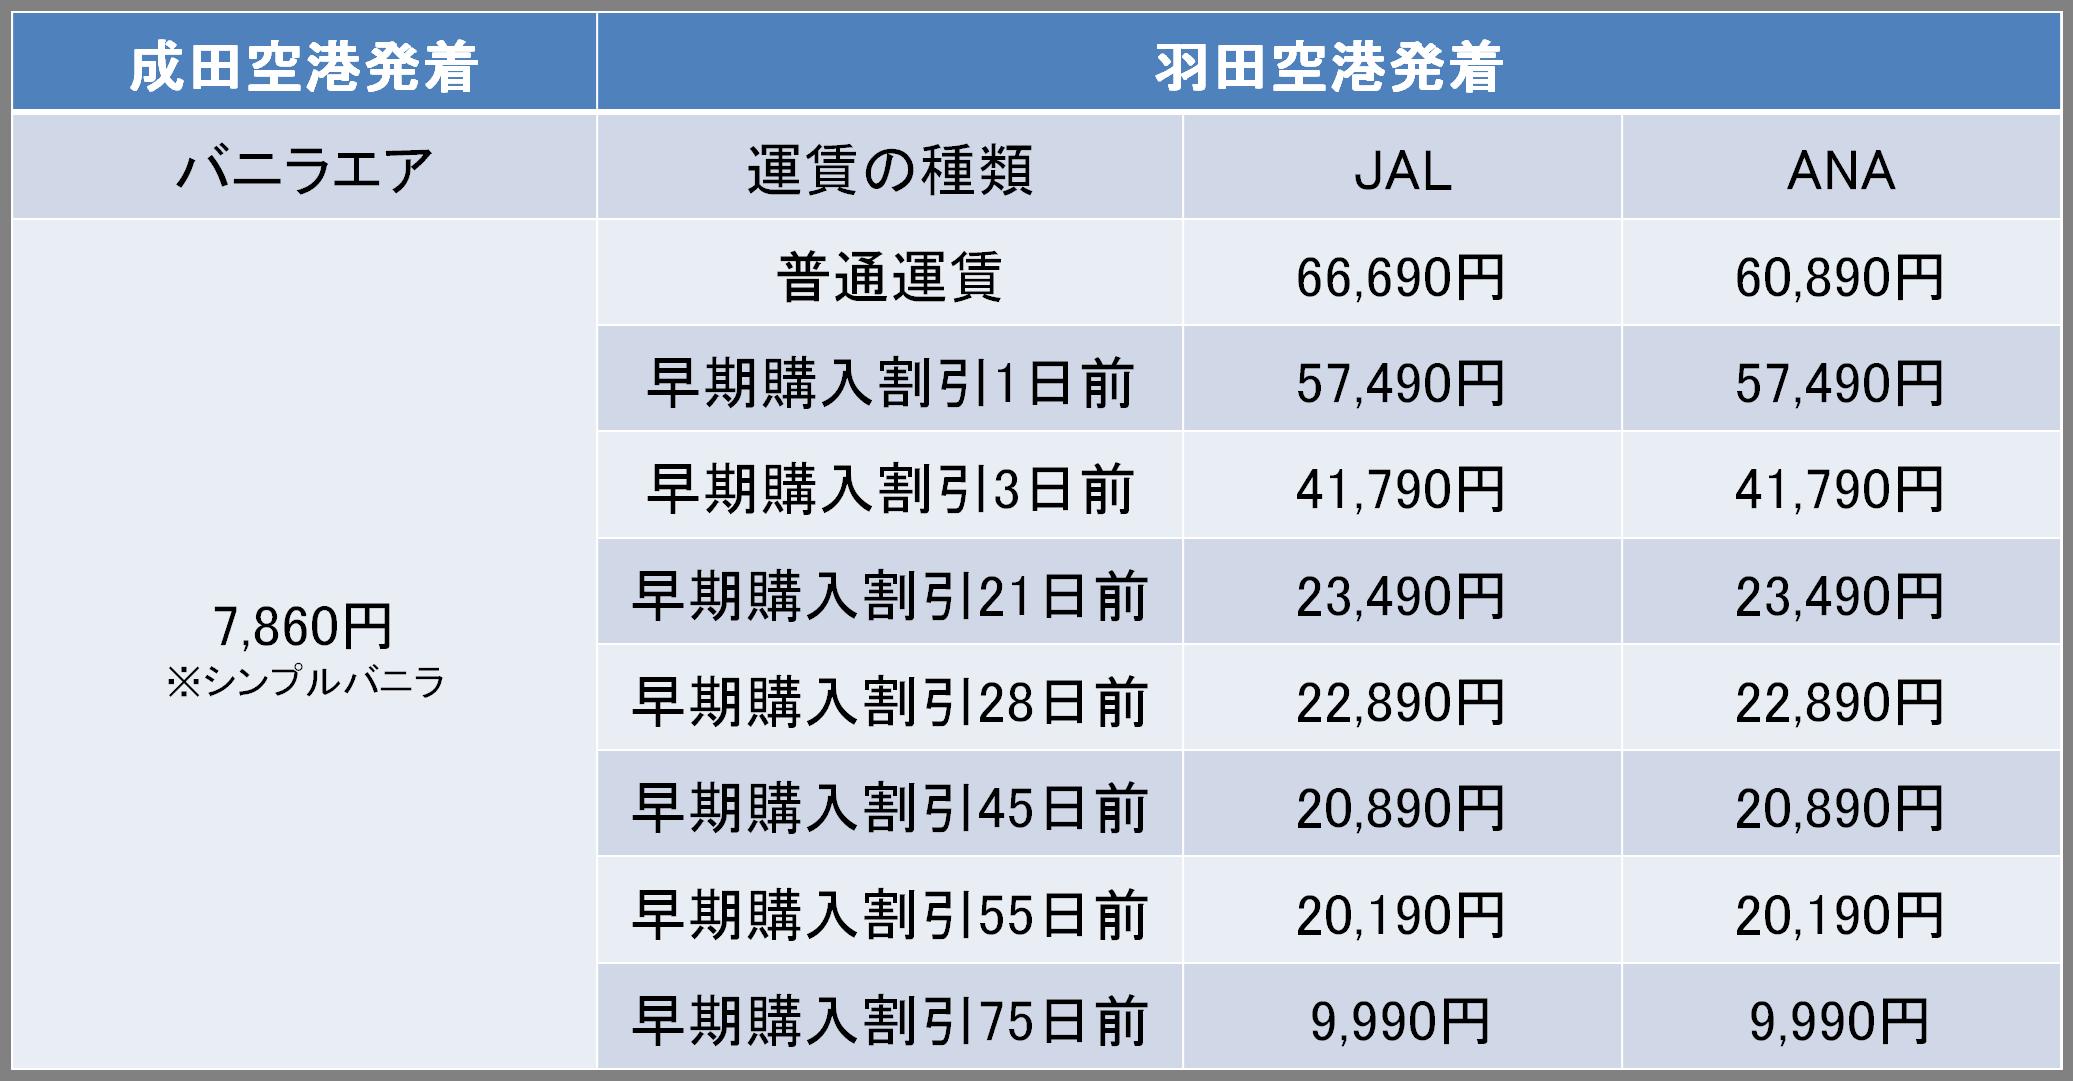 東京-石垣間の航空券の料金